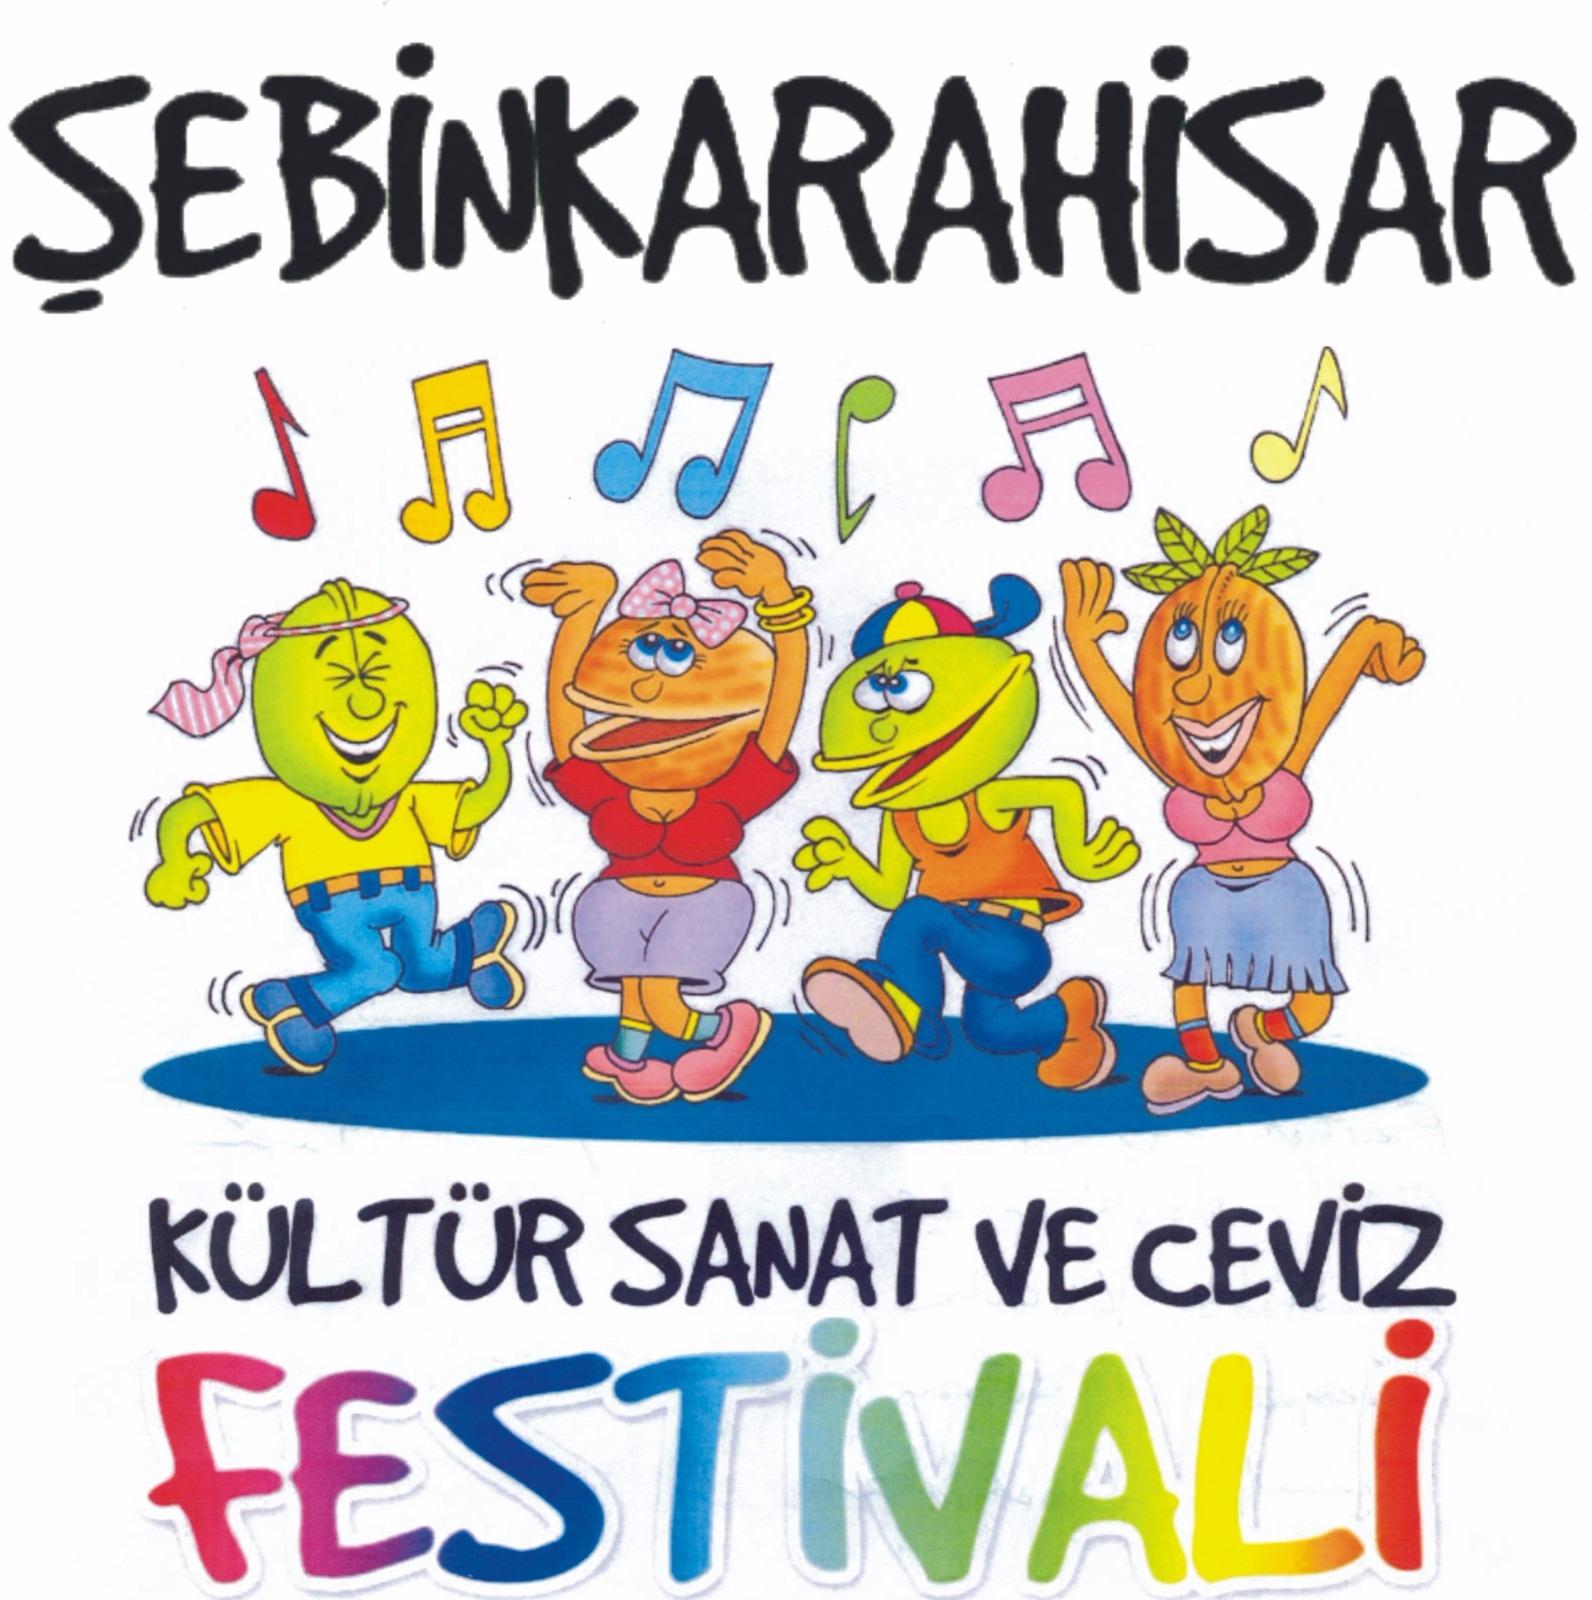 Şebinkarahisar'da Kültür, Sanat ve Ceviz Festivali yapılacak.